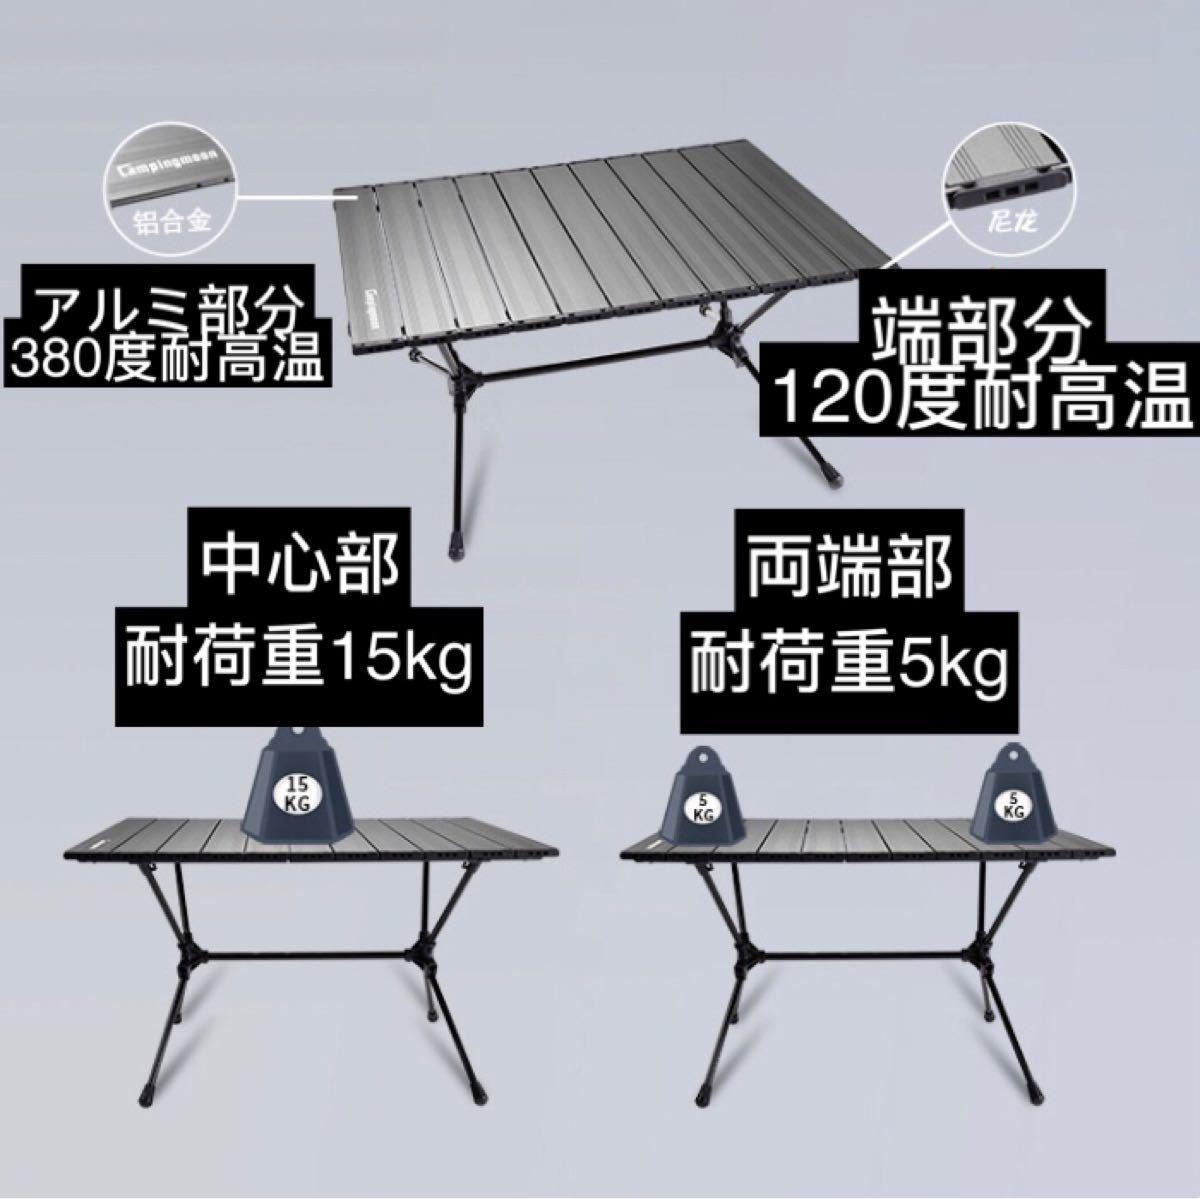 アルミ製ロールテーブル 折り畳みテーブル ロースタイルテーブル 高さ2段調整可